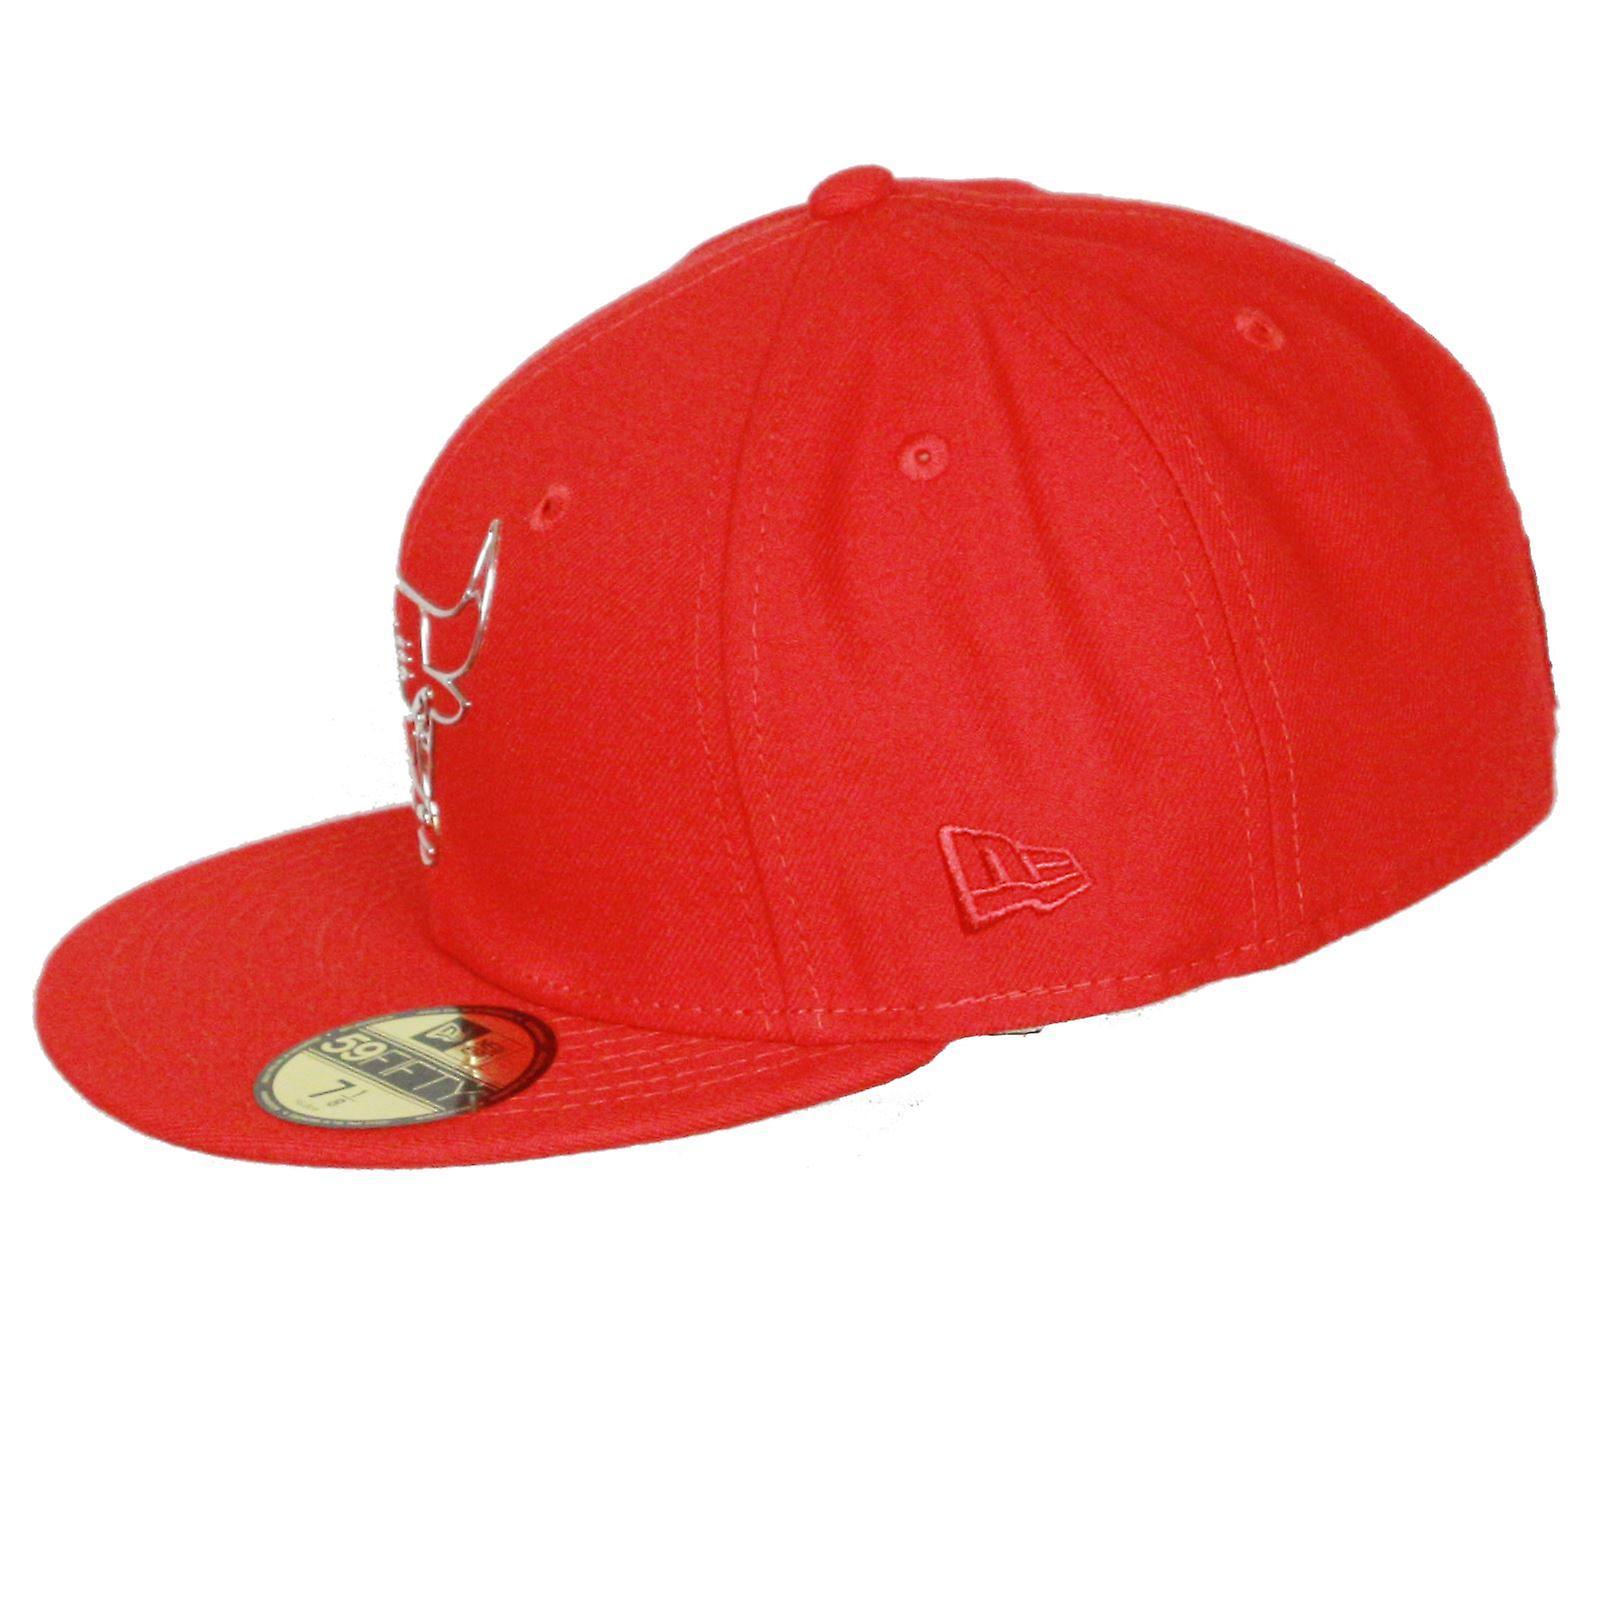 New Era and NBA NE Remix Liquid Logo 59Fifty Flatbill Cap ~  Chicago Bulls